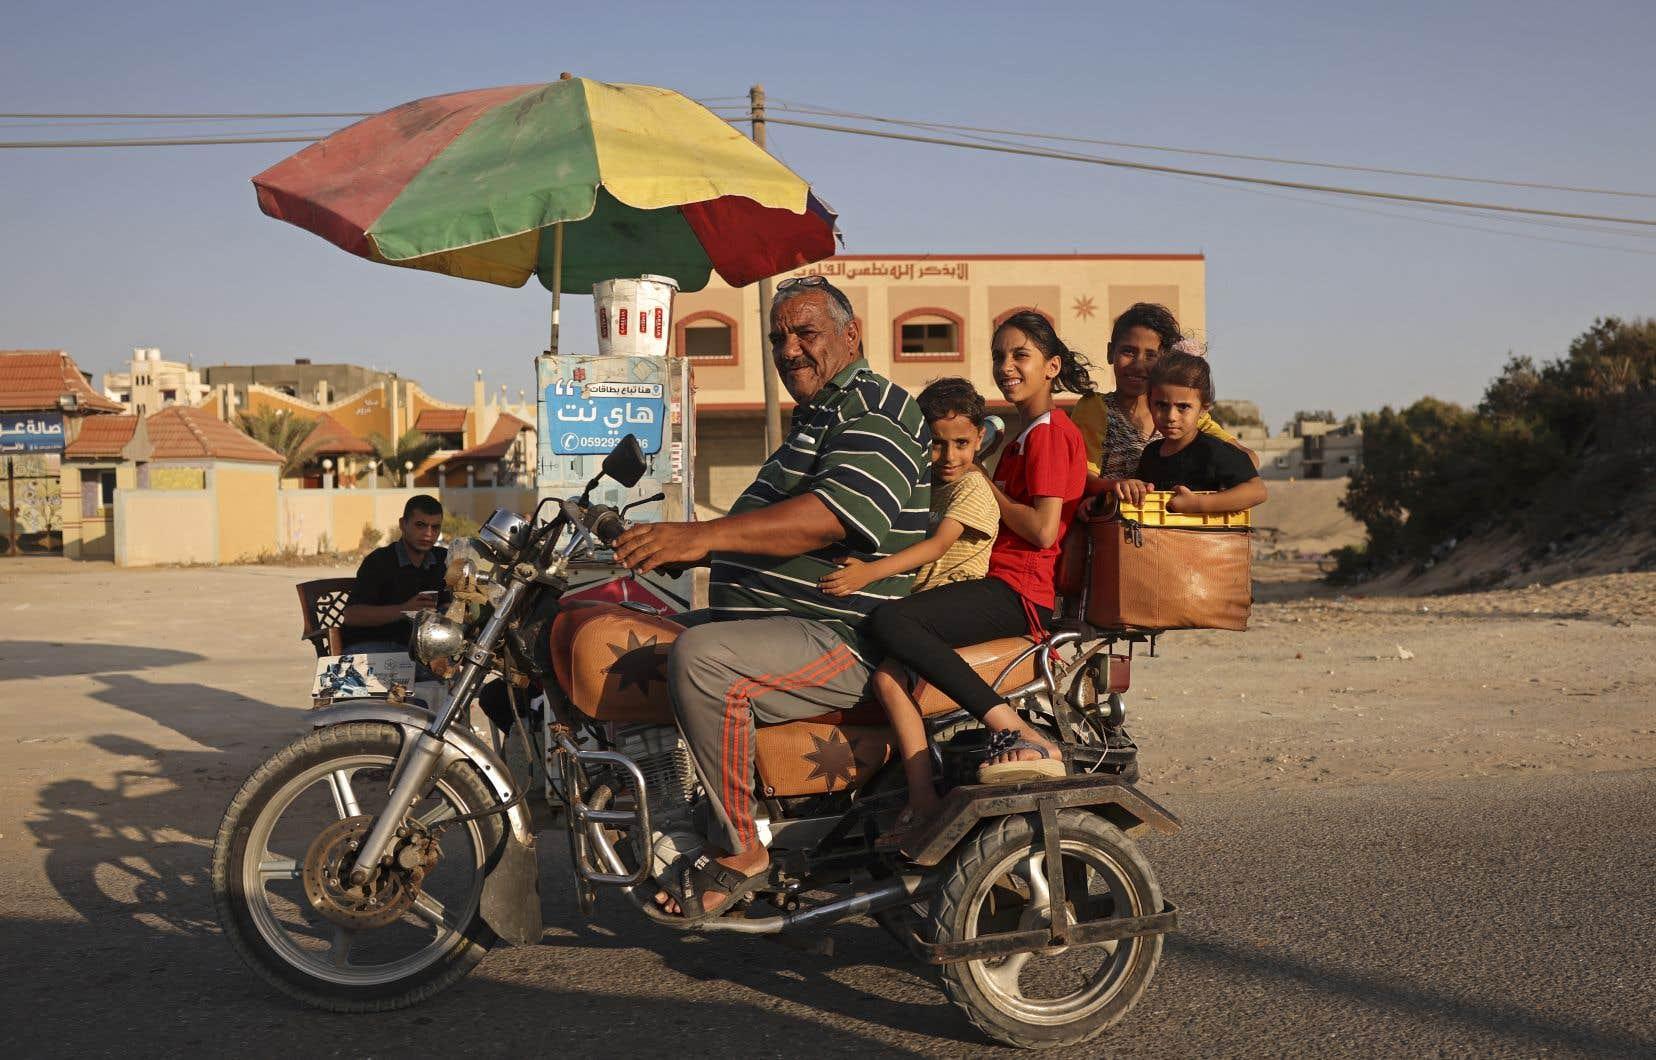 Ce plan ne vise pas à régler le conflit israélo-palestinien, mais à «agir dès maintenant» pour «améliorer» les conditions de vie dans la bande de Gaza et à «créer de meilleures conditions pour de futurs pourparlers», a fait valoirYaïr Lapid.